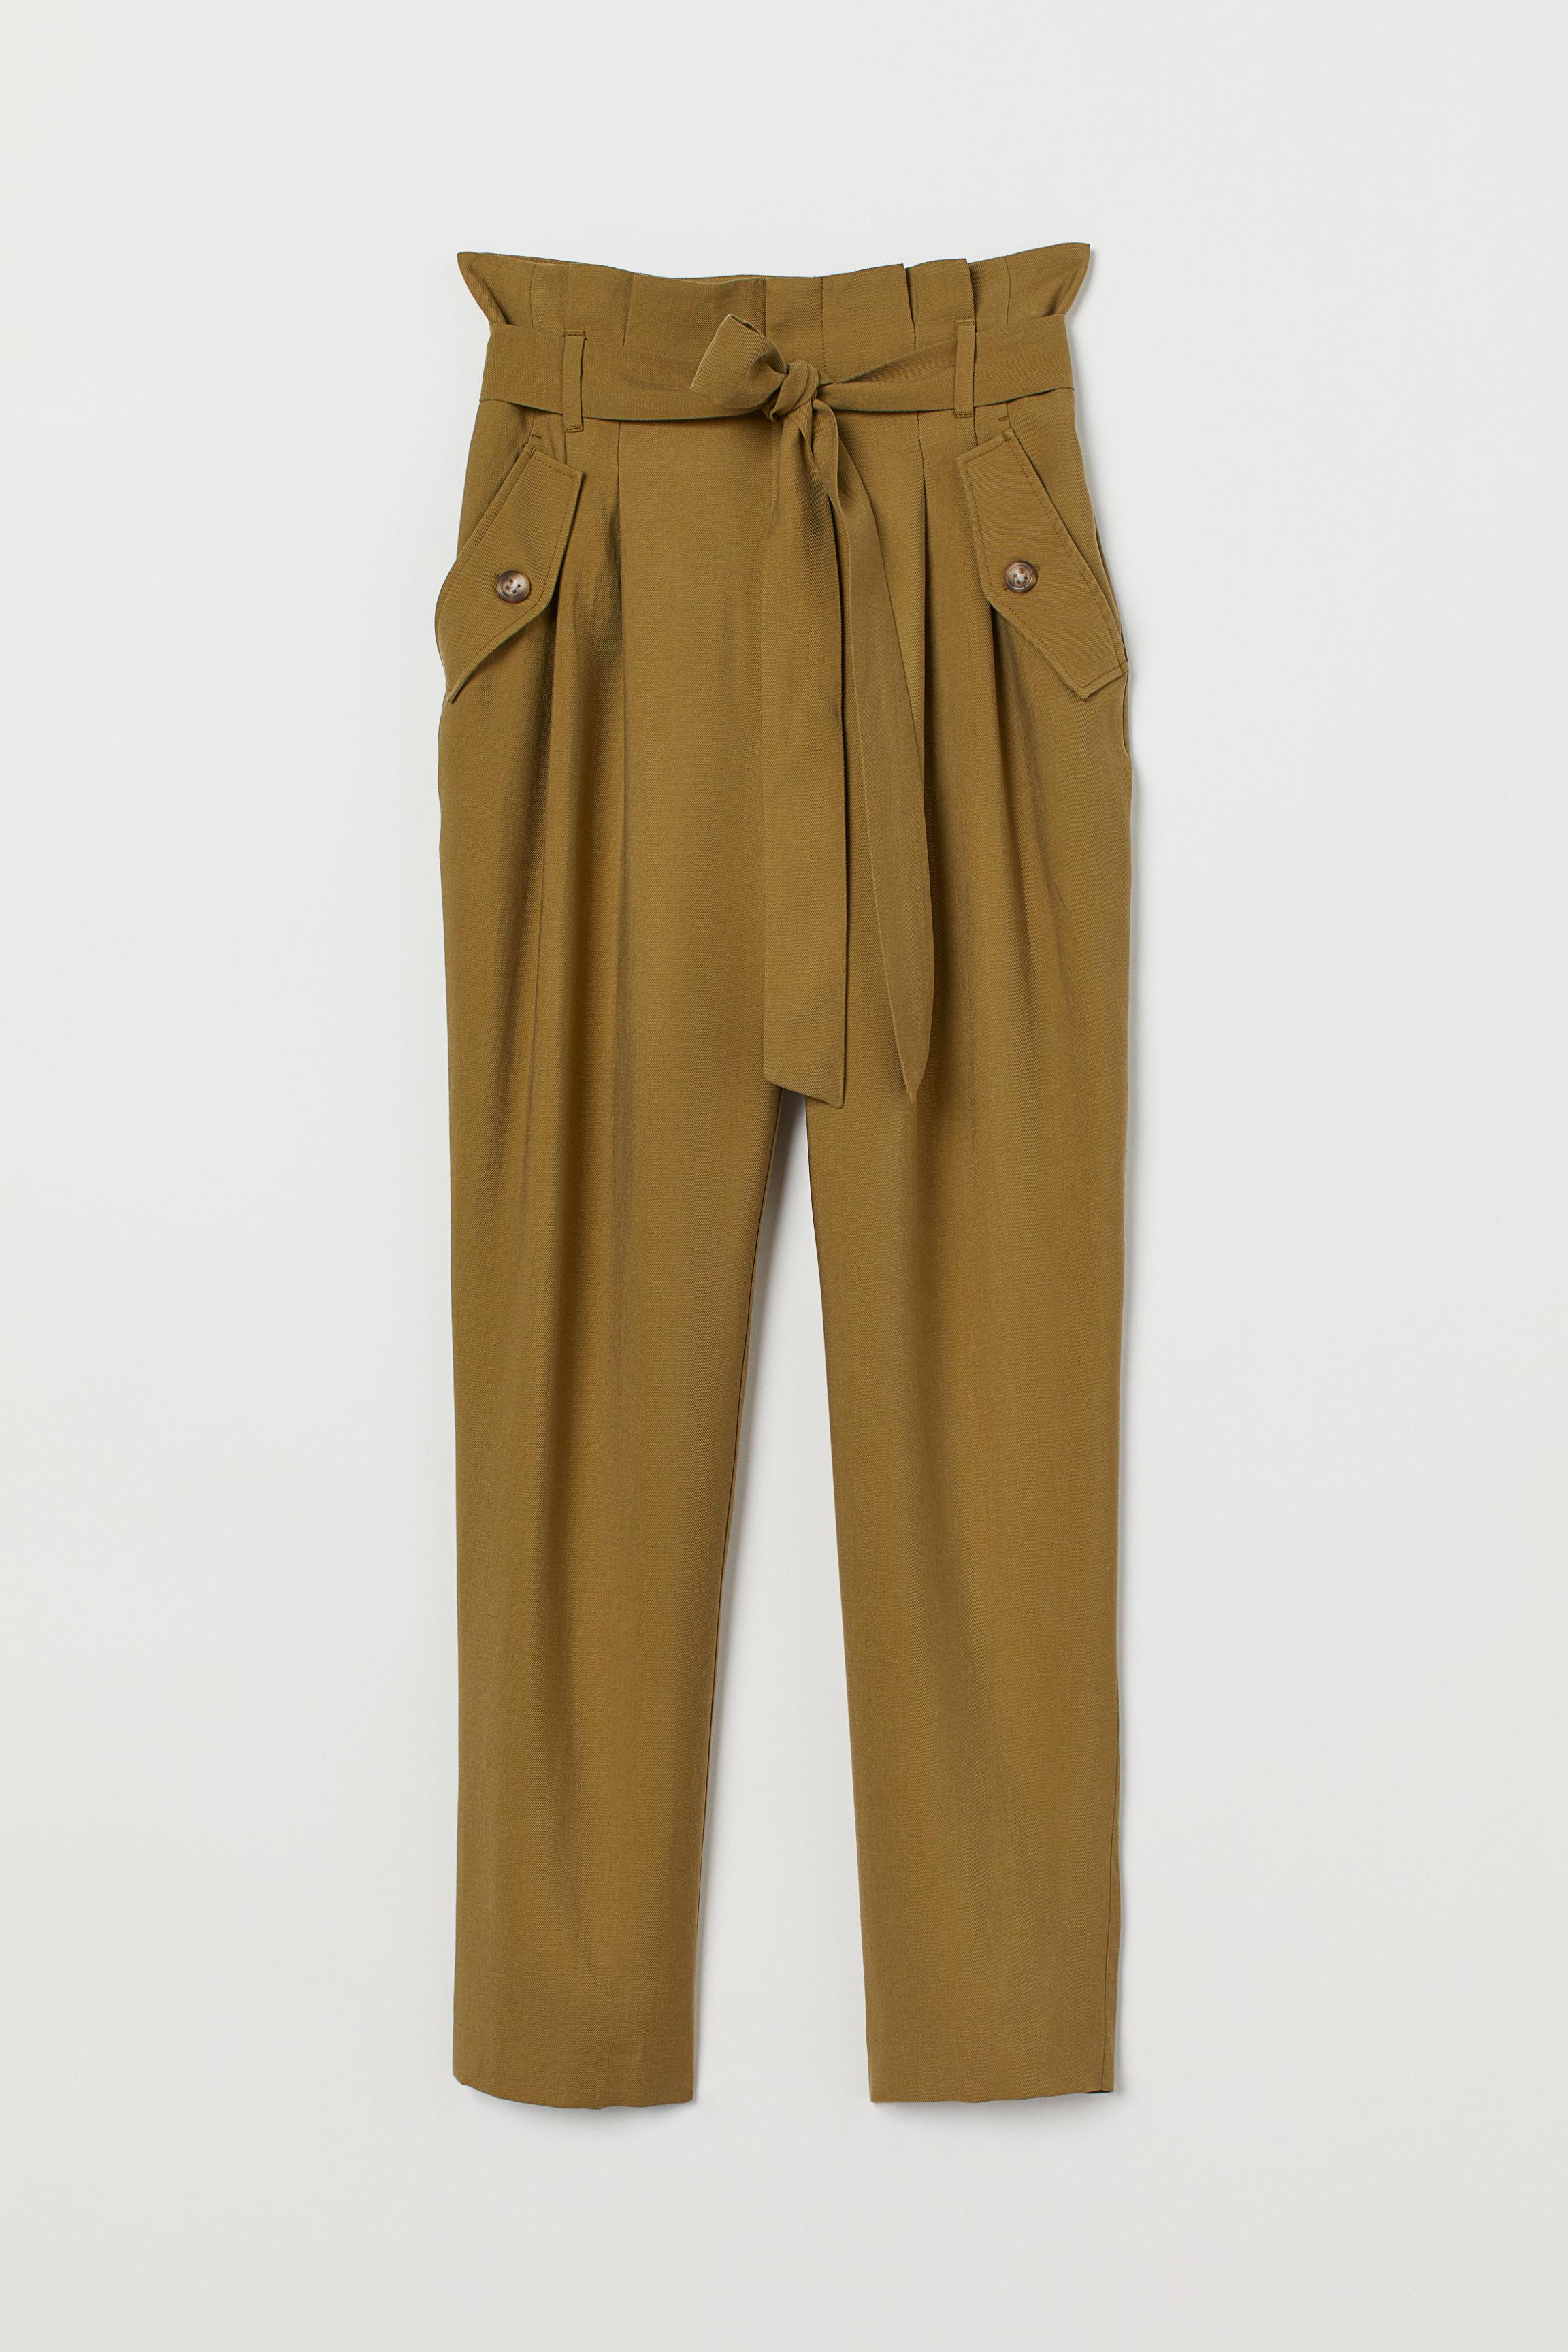 Pants with Tie Belt